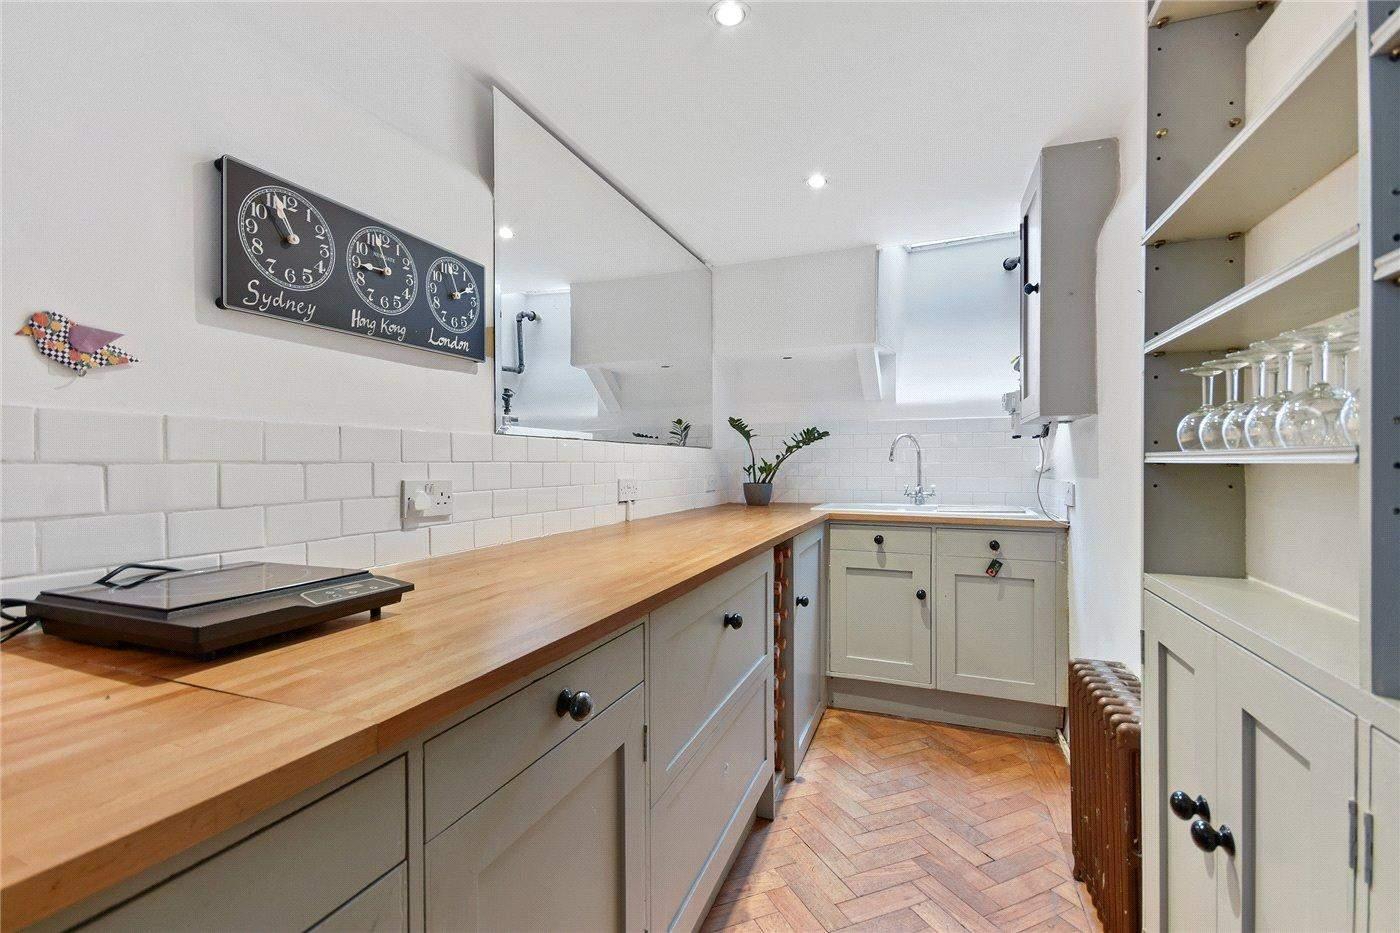 Кухня в міні-будинку виглядає досить просторою